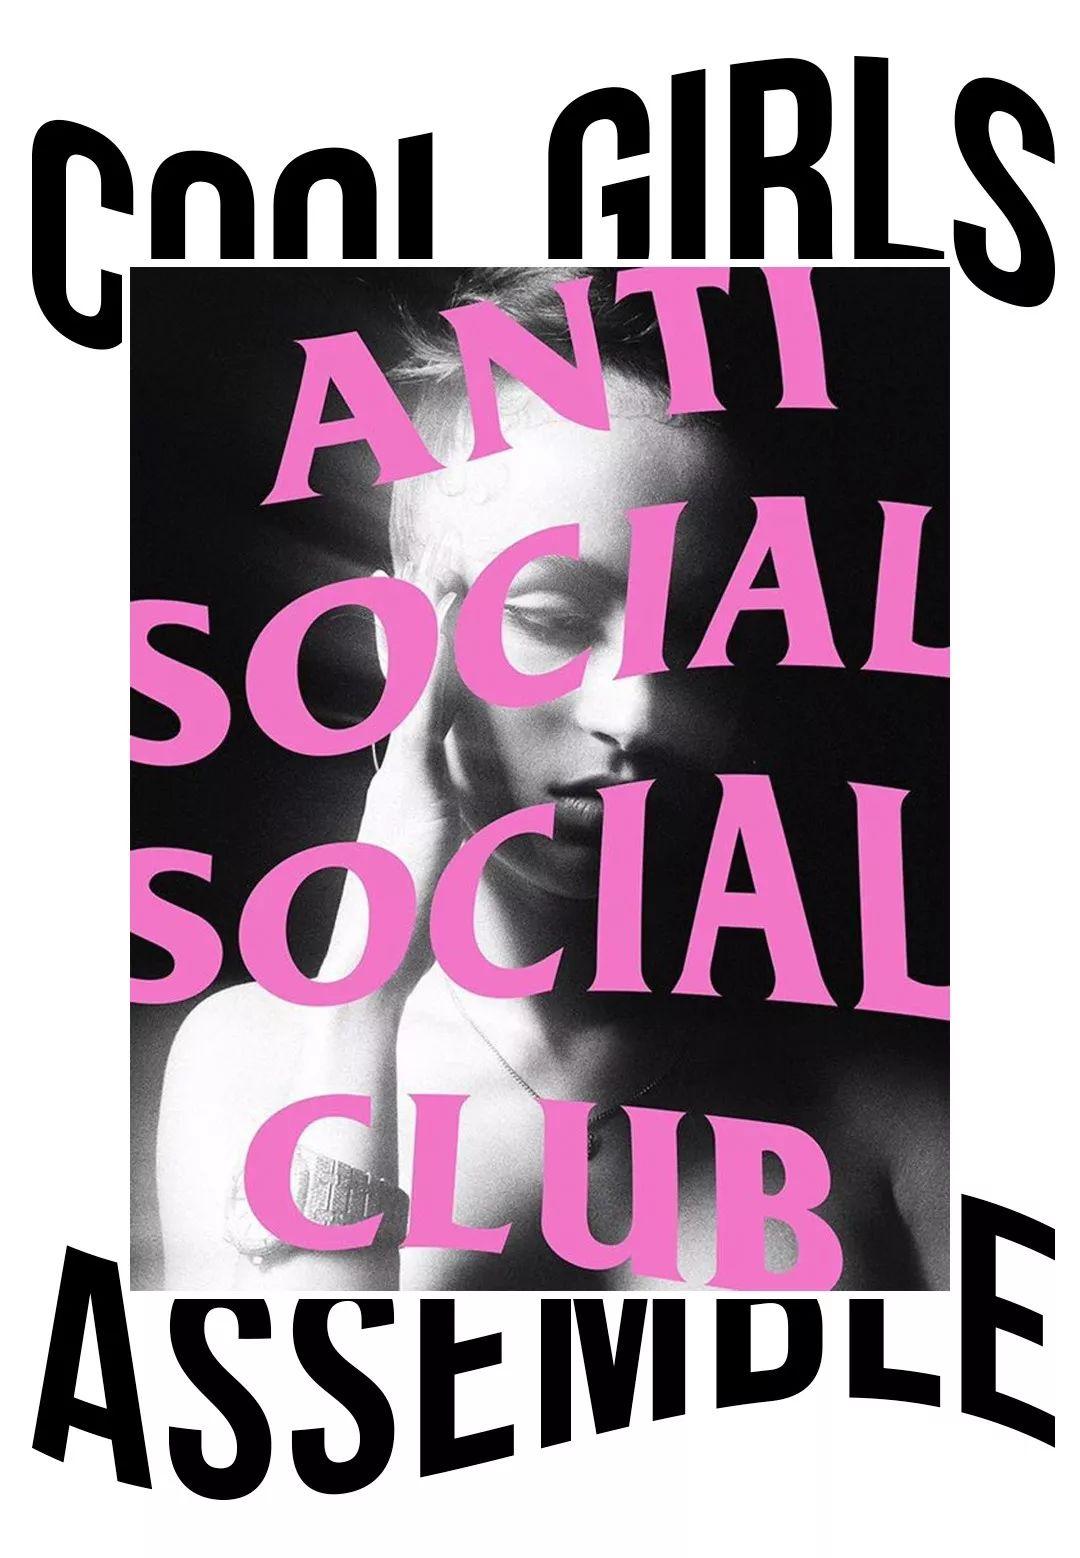 我采访了几位 anti-social club 成员,说的不是那个洛杉矶潮牌~